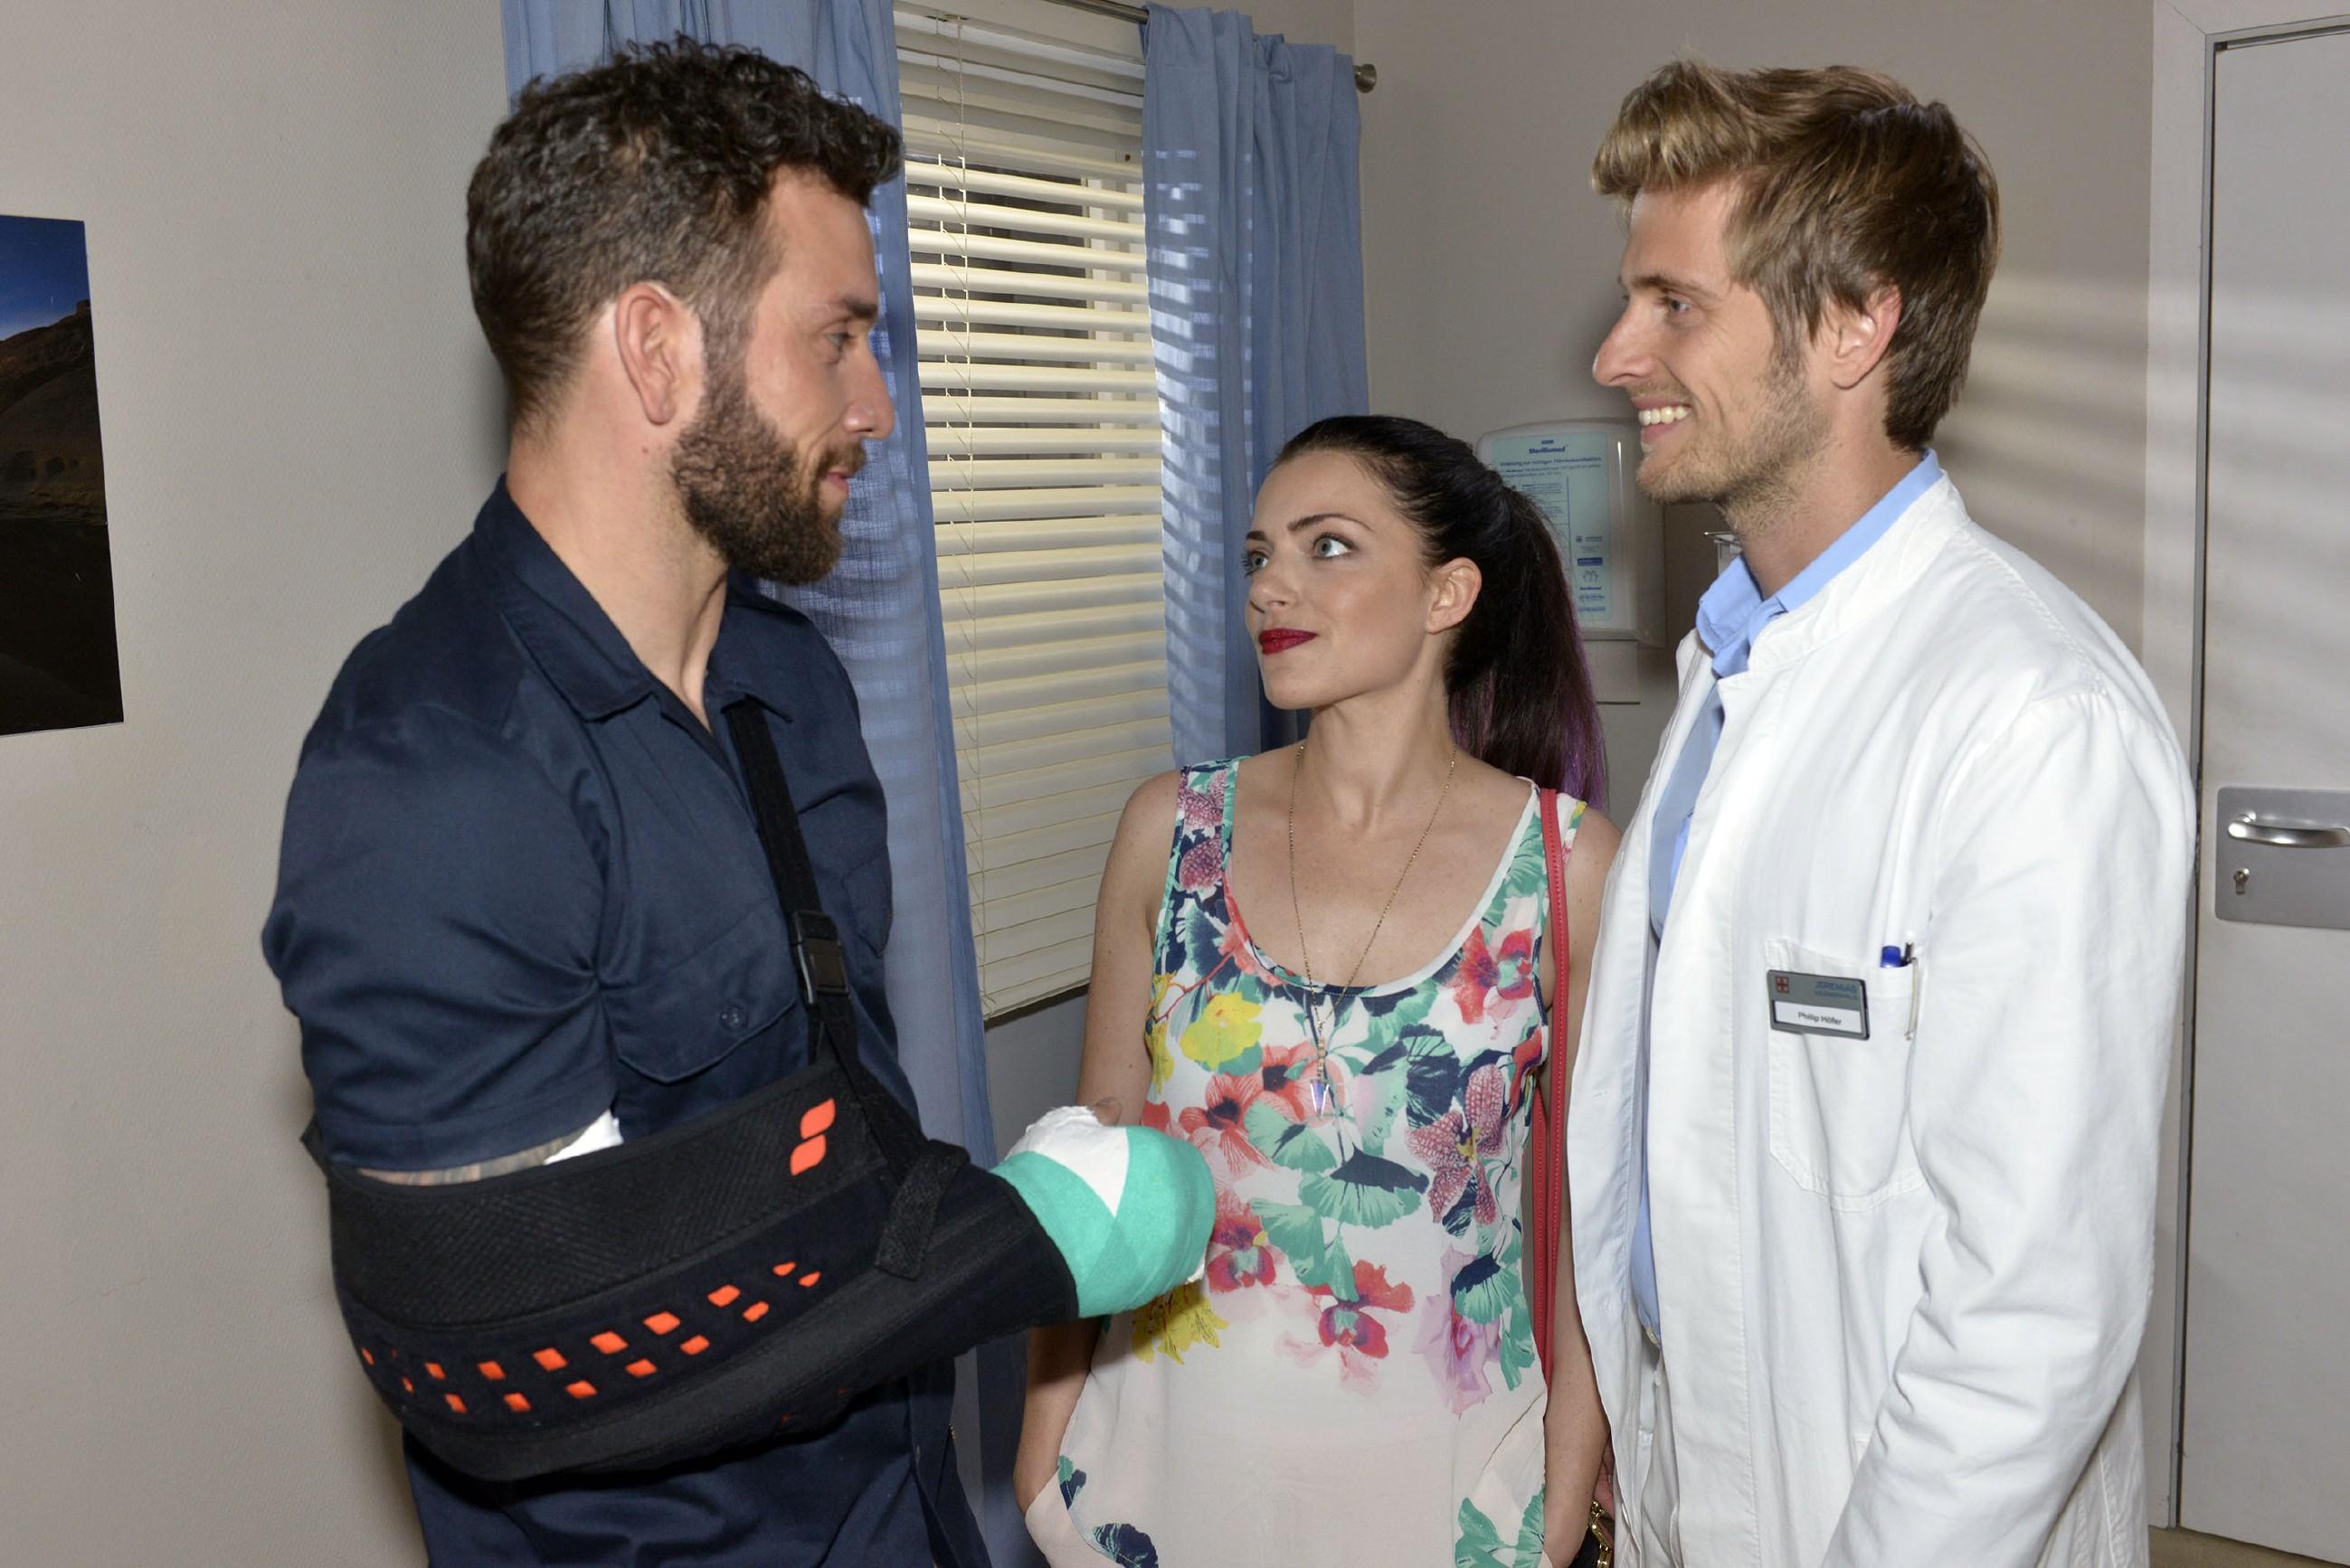 Als sich bei Philip (Jörn Schlönvoigt, r.) im Krankenhaus herausstellt, dass Roberto (Sascha Pederiva) nicht versichert ist, erklärt Emily (Anne Menden) sich bereit, seine Krankenhausrechnung zu übernehmen - Immerhin hat er Kates Leben gerettet.